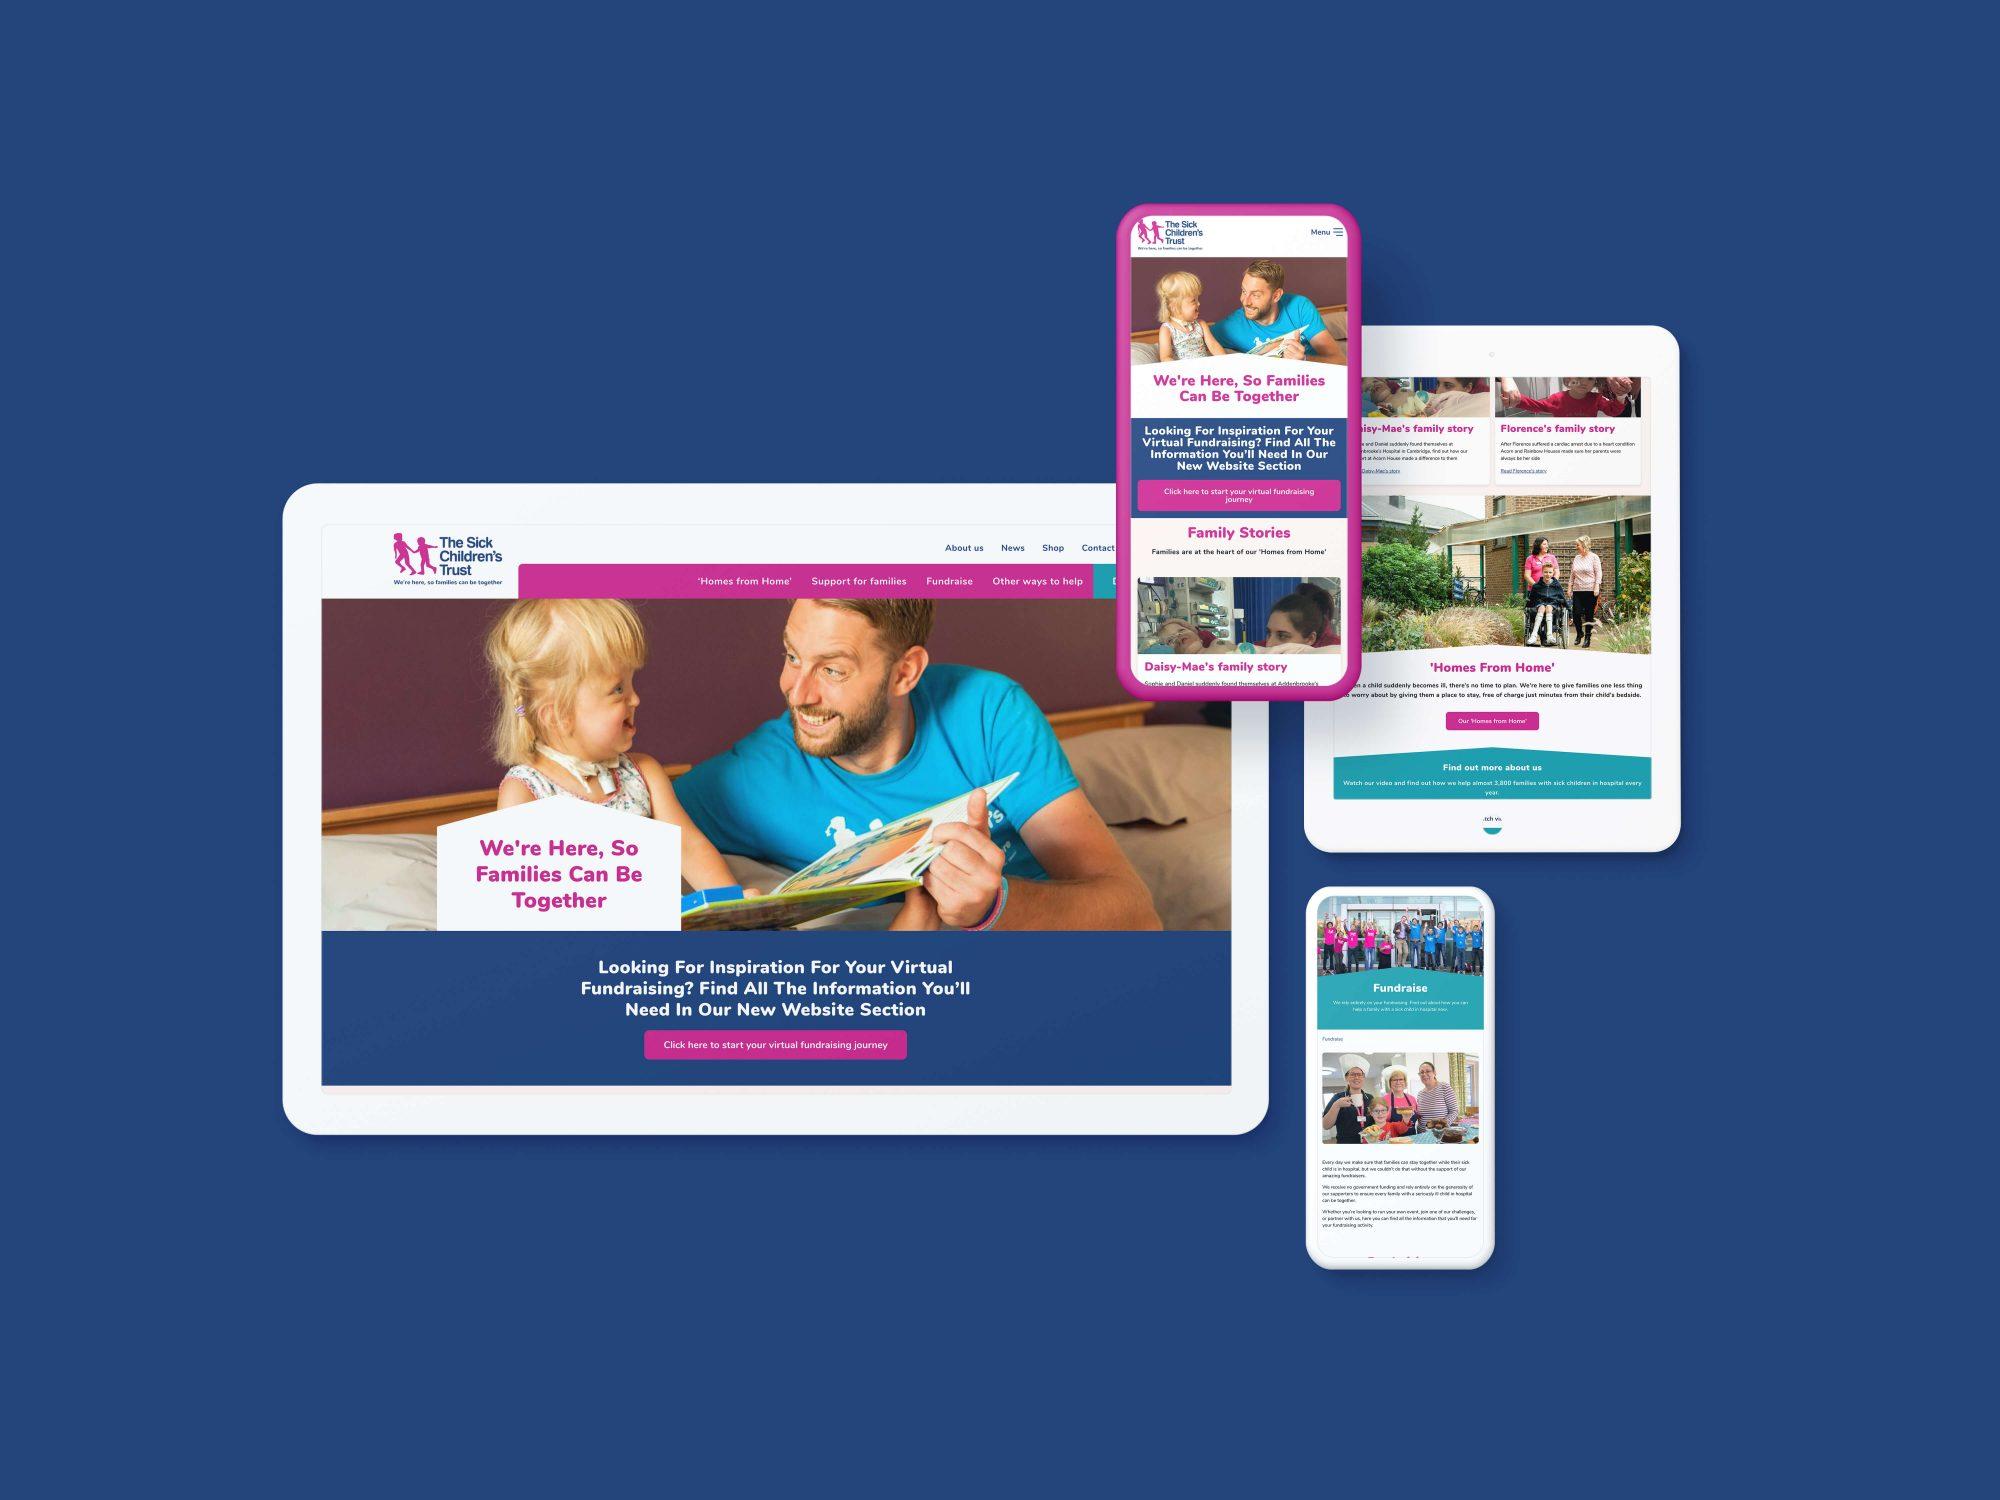 Design of The Sick Children's Trust website